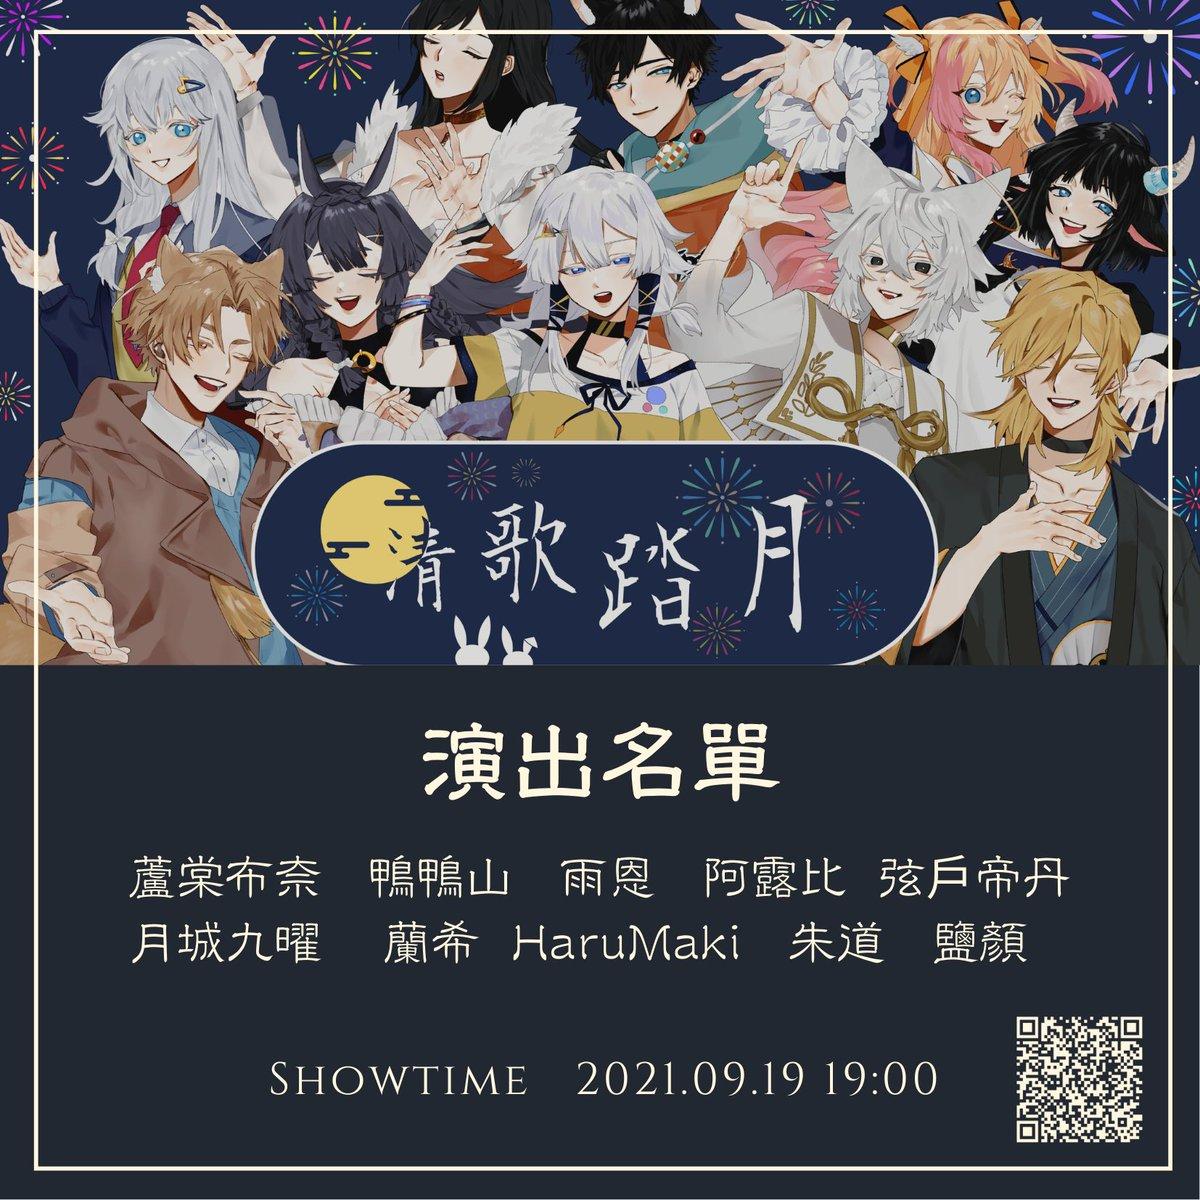 [聽歌] 9/19 19:00 清歌踏月 盛大開演